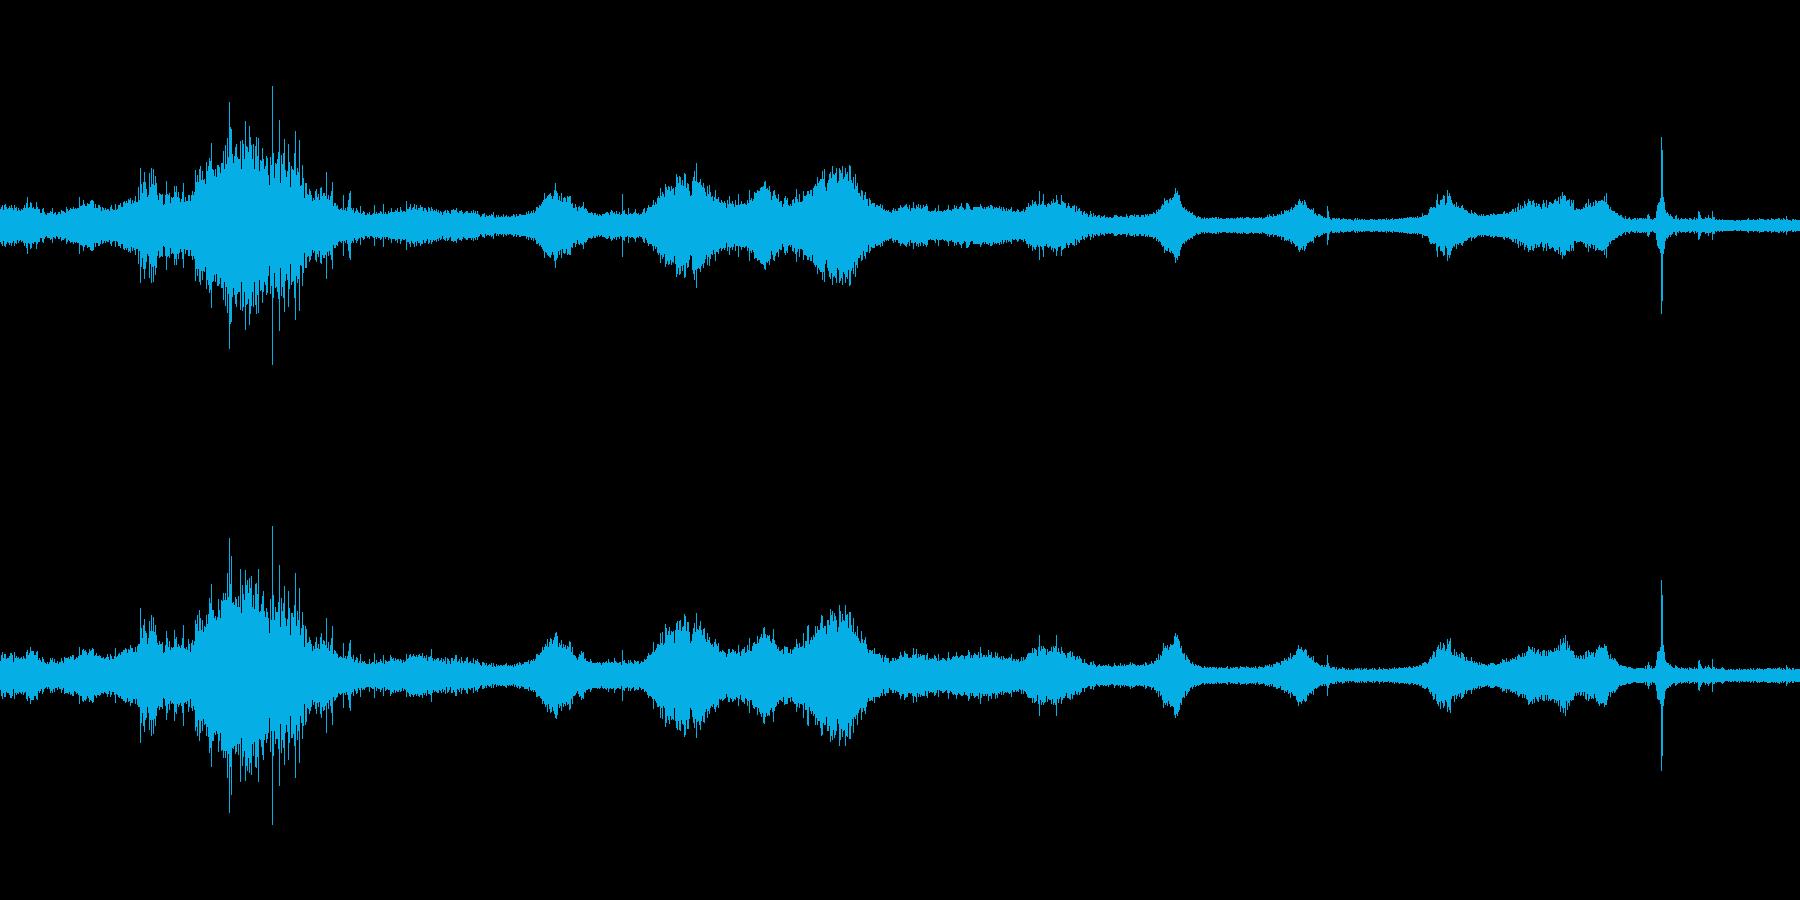 【生音】雷雨19 - 雨と雷と通行音の再生済みの波形